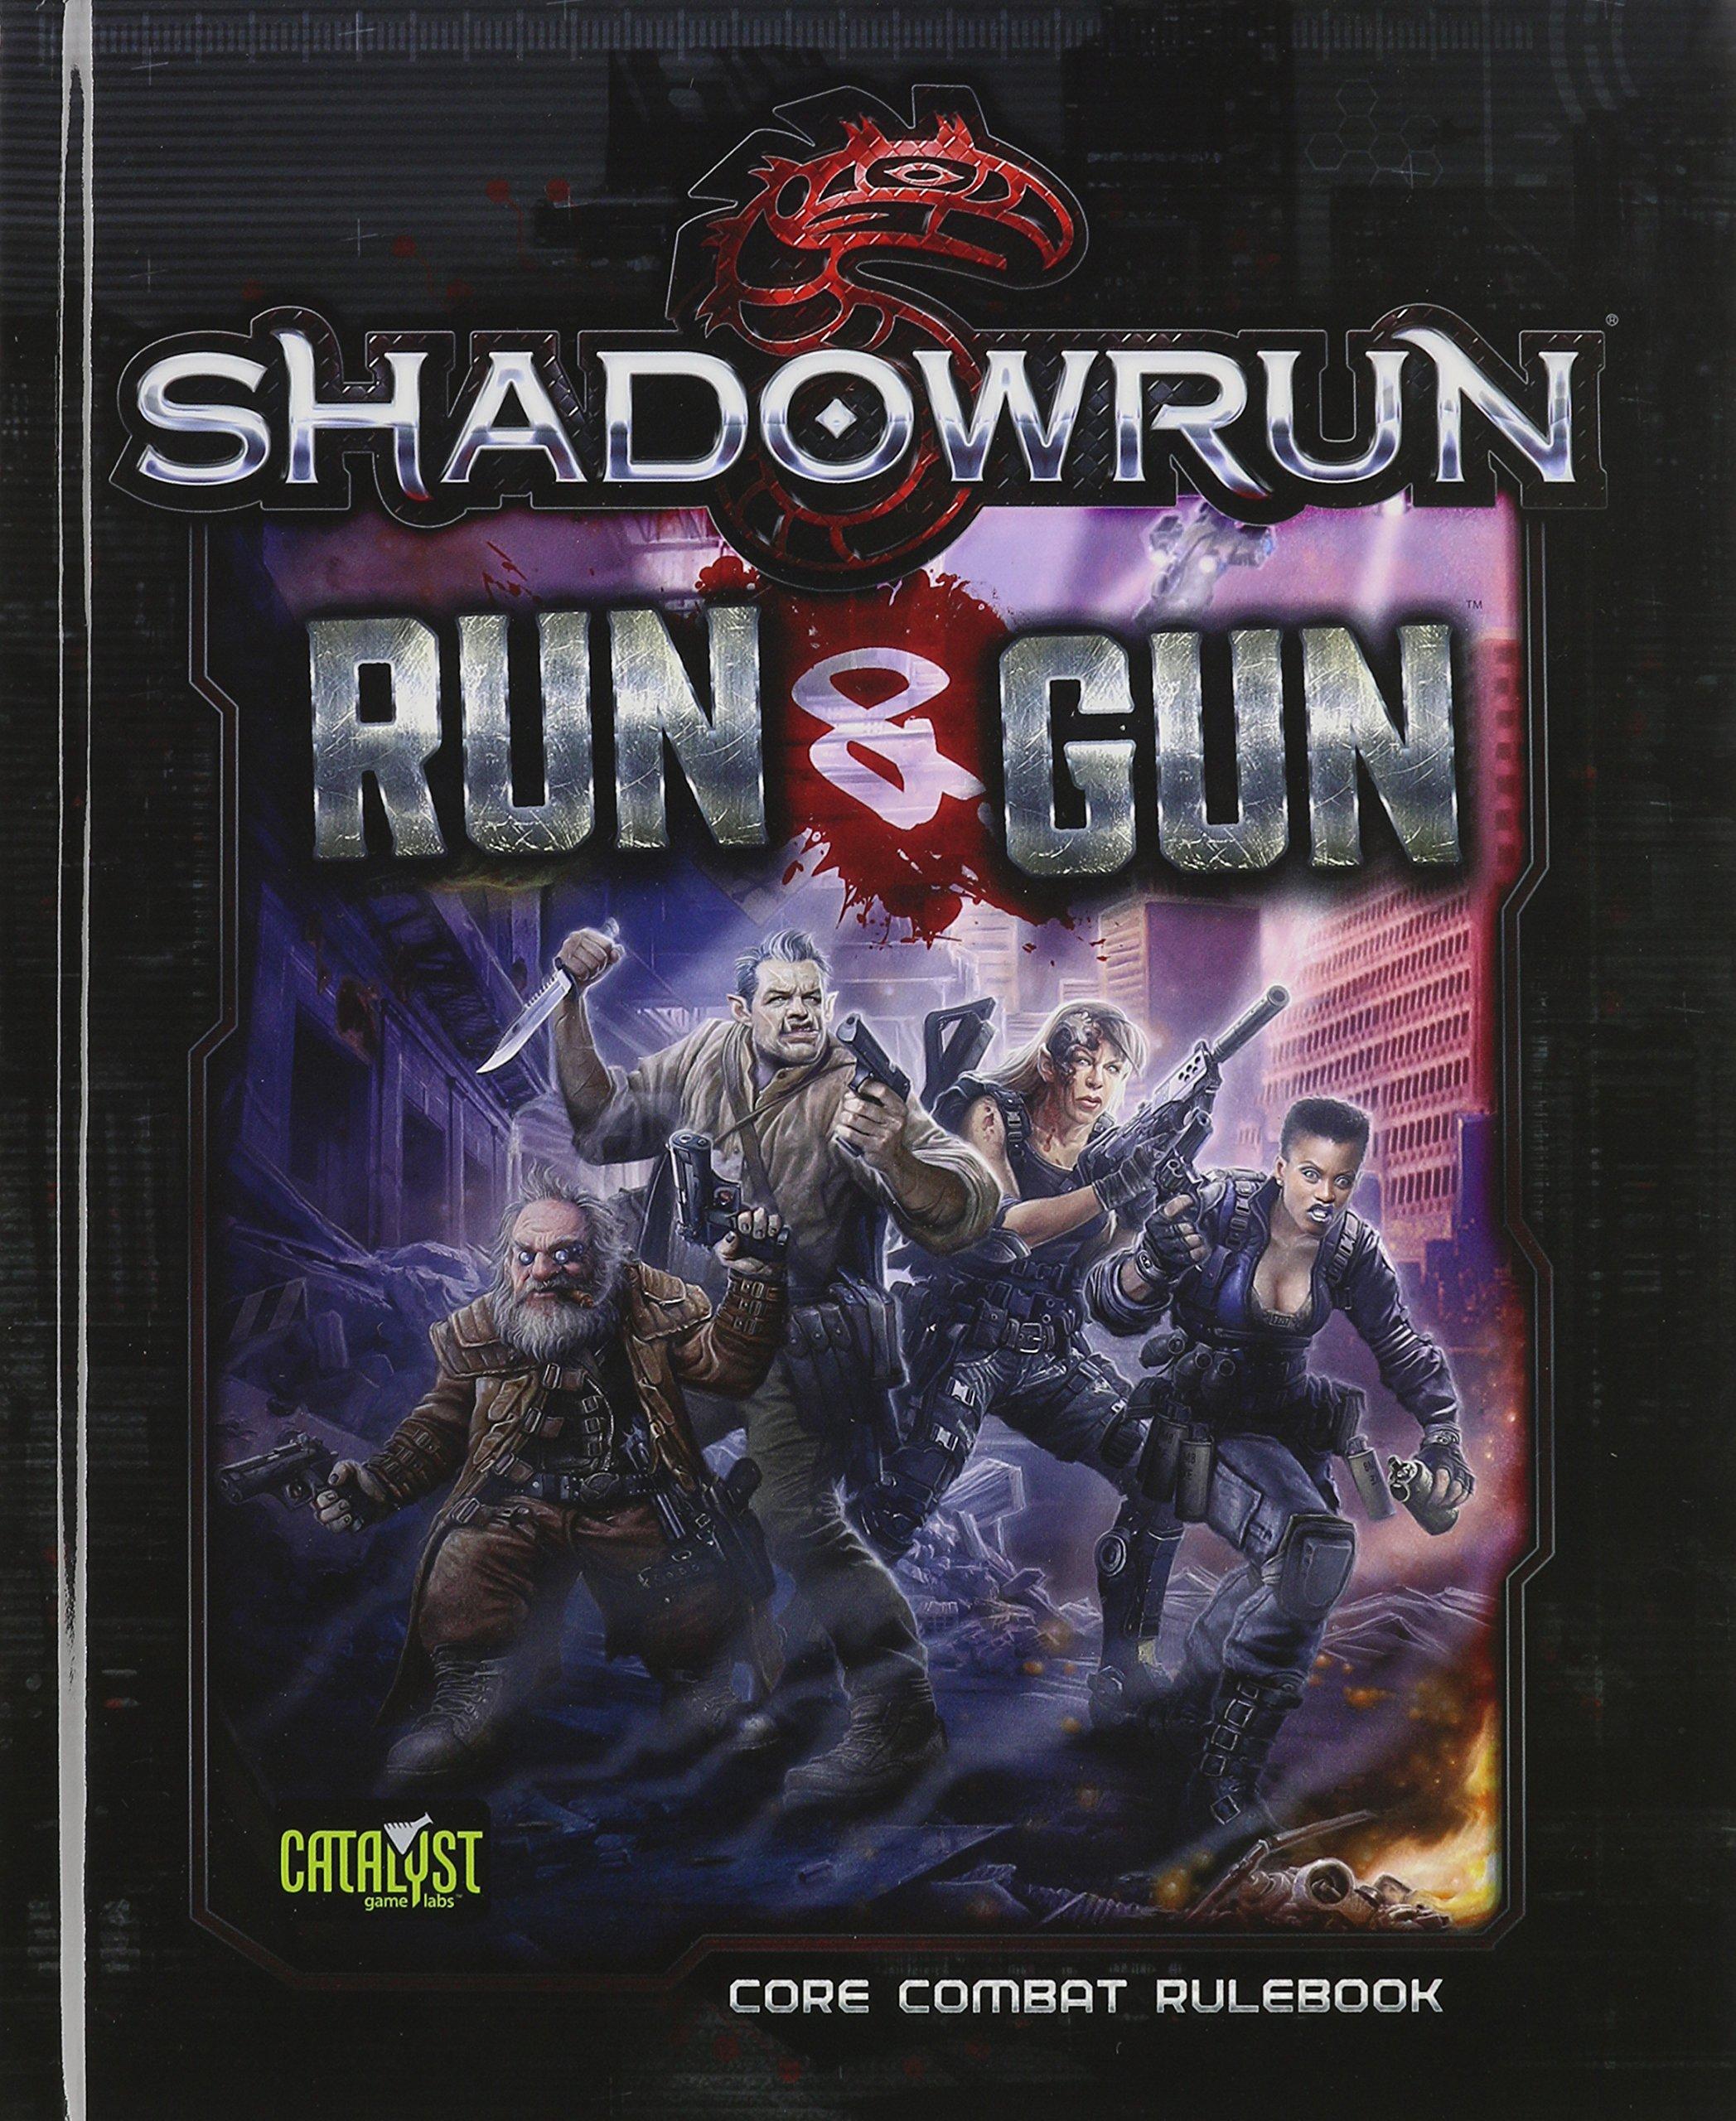 Shadowrun: Run and Gun